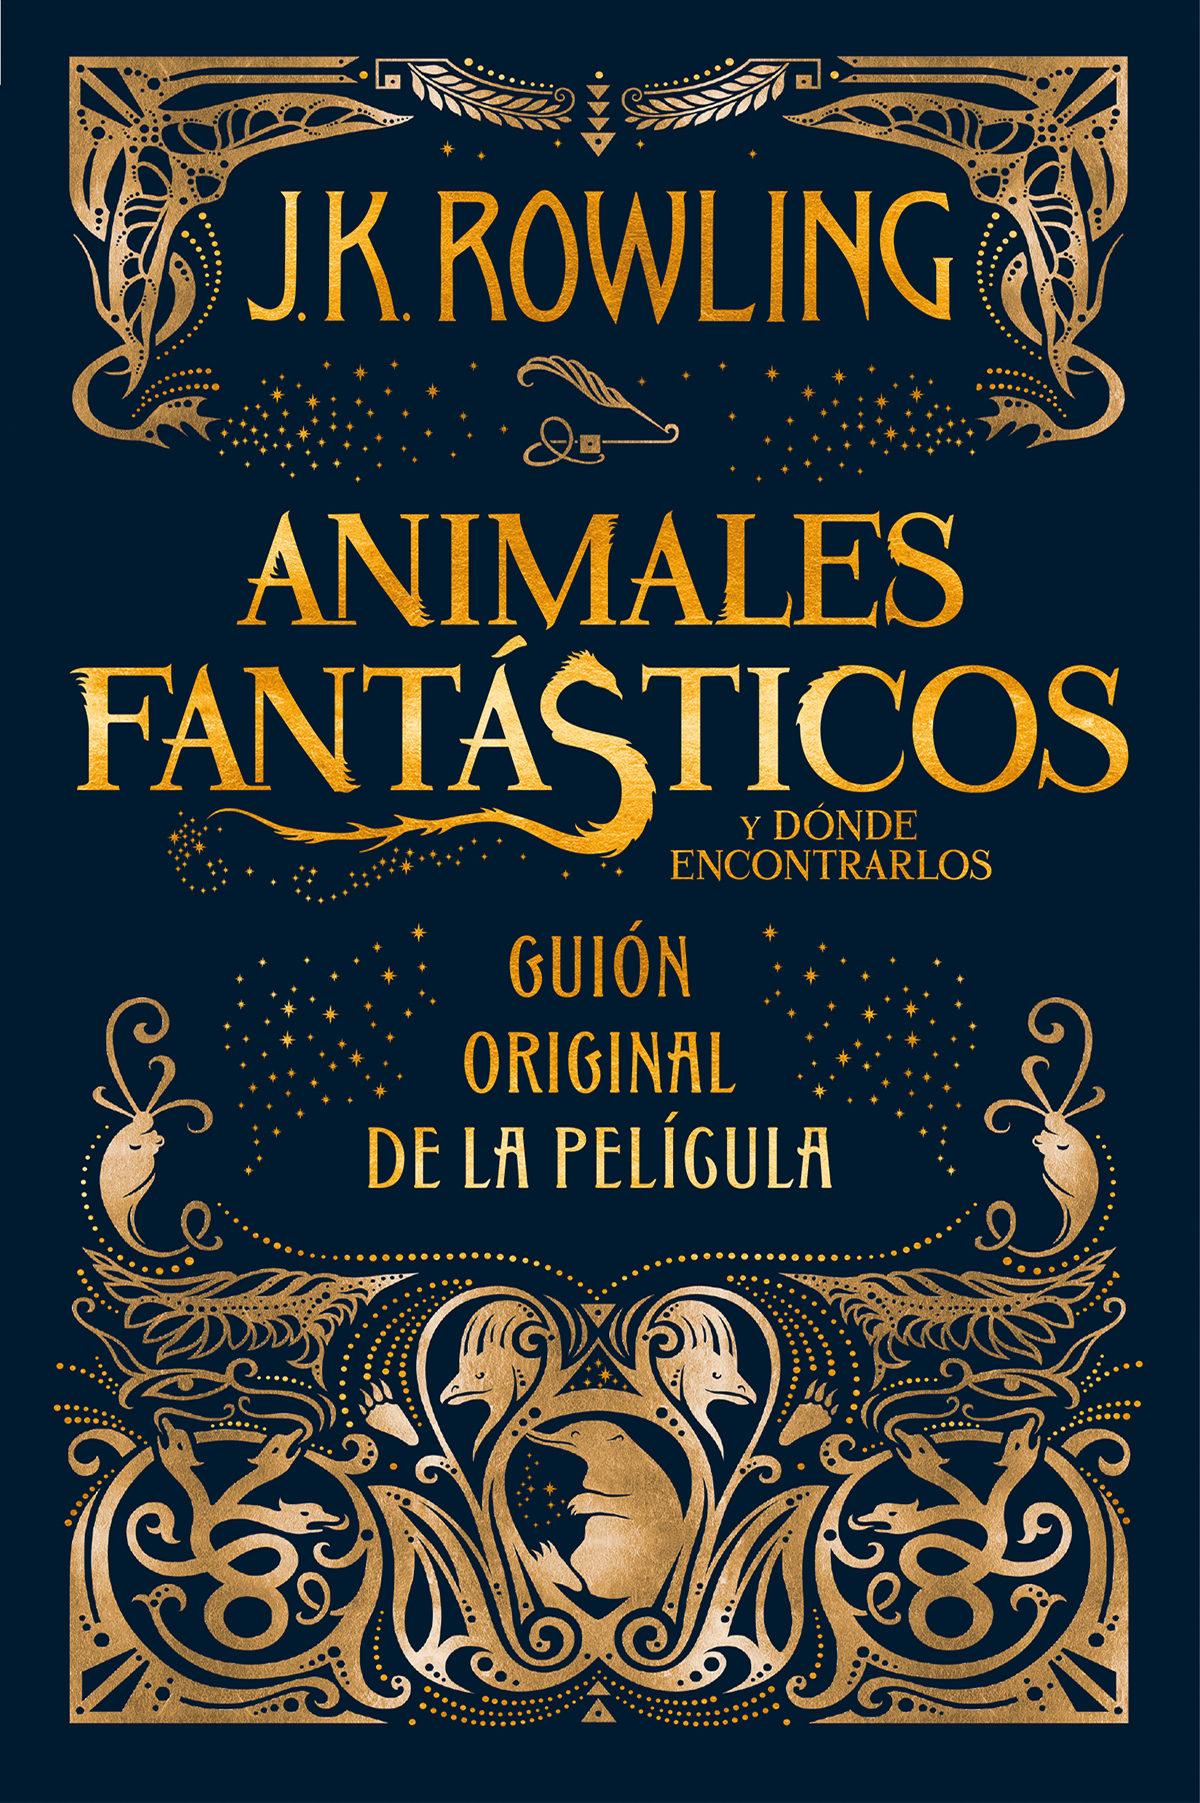 Animales Fantasticos y Donde Encontrarlos - Guion Cinematografico - J.K. Rowling - Salamandra